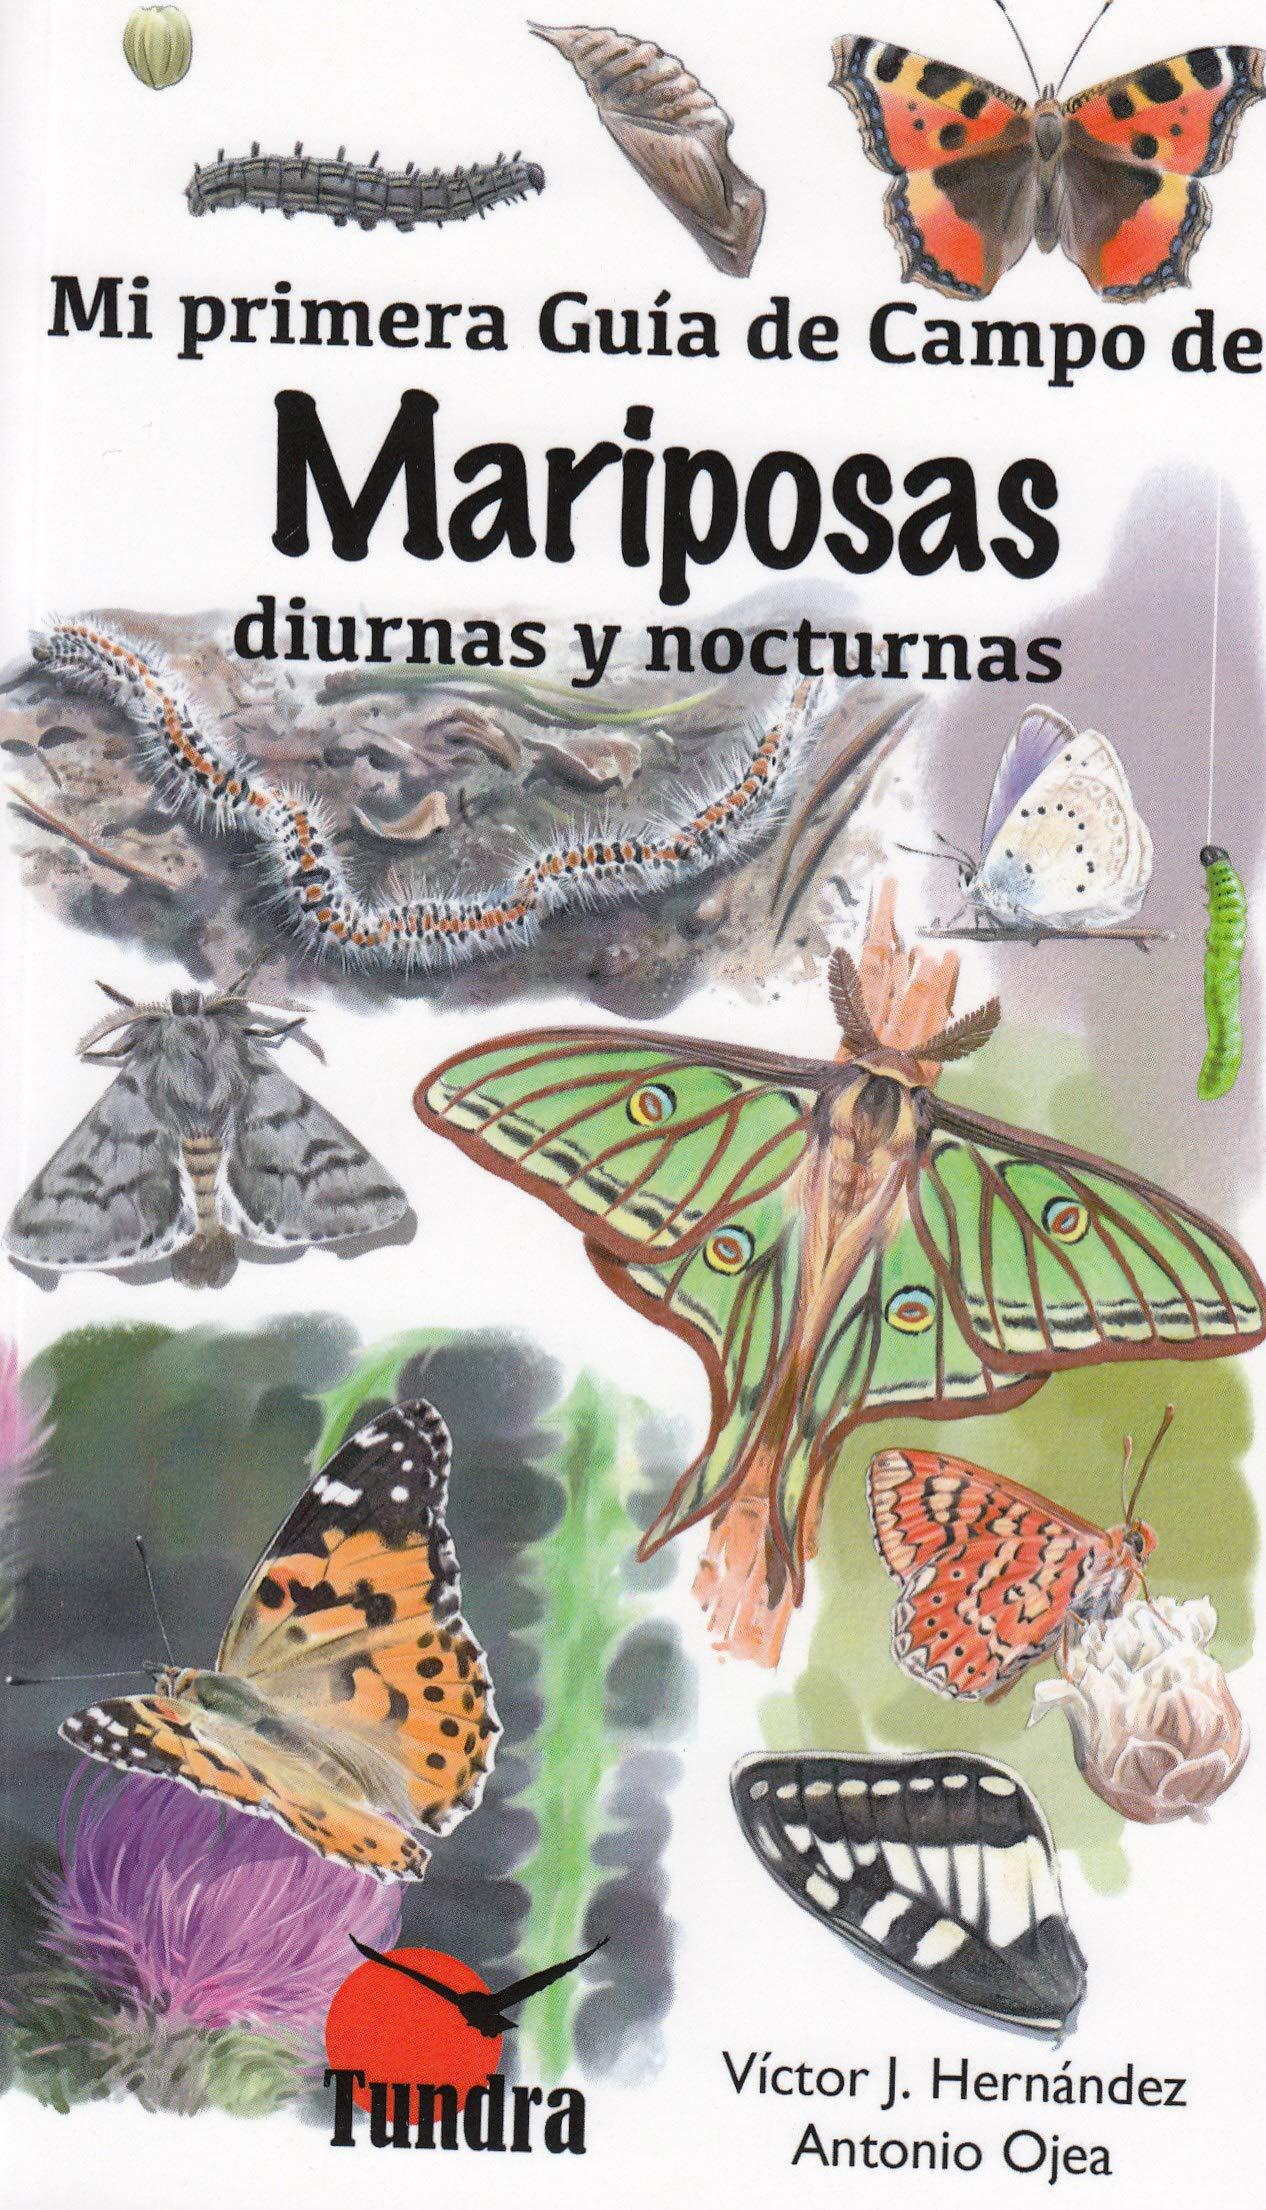 Mi primera guía de campo de mariposas diurnas y nocturnas: Amazon.es: Hernandez Victo, Hernandez Victo: Libros